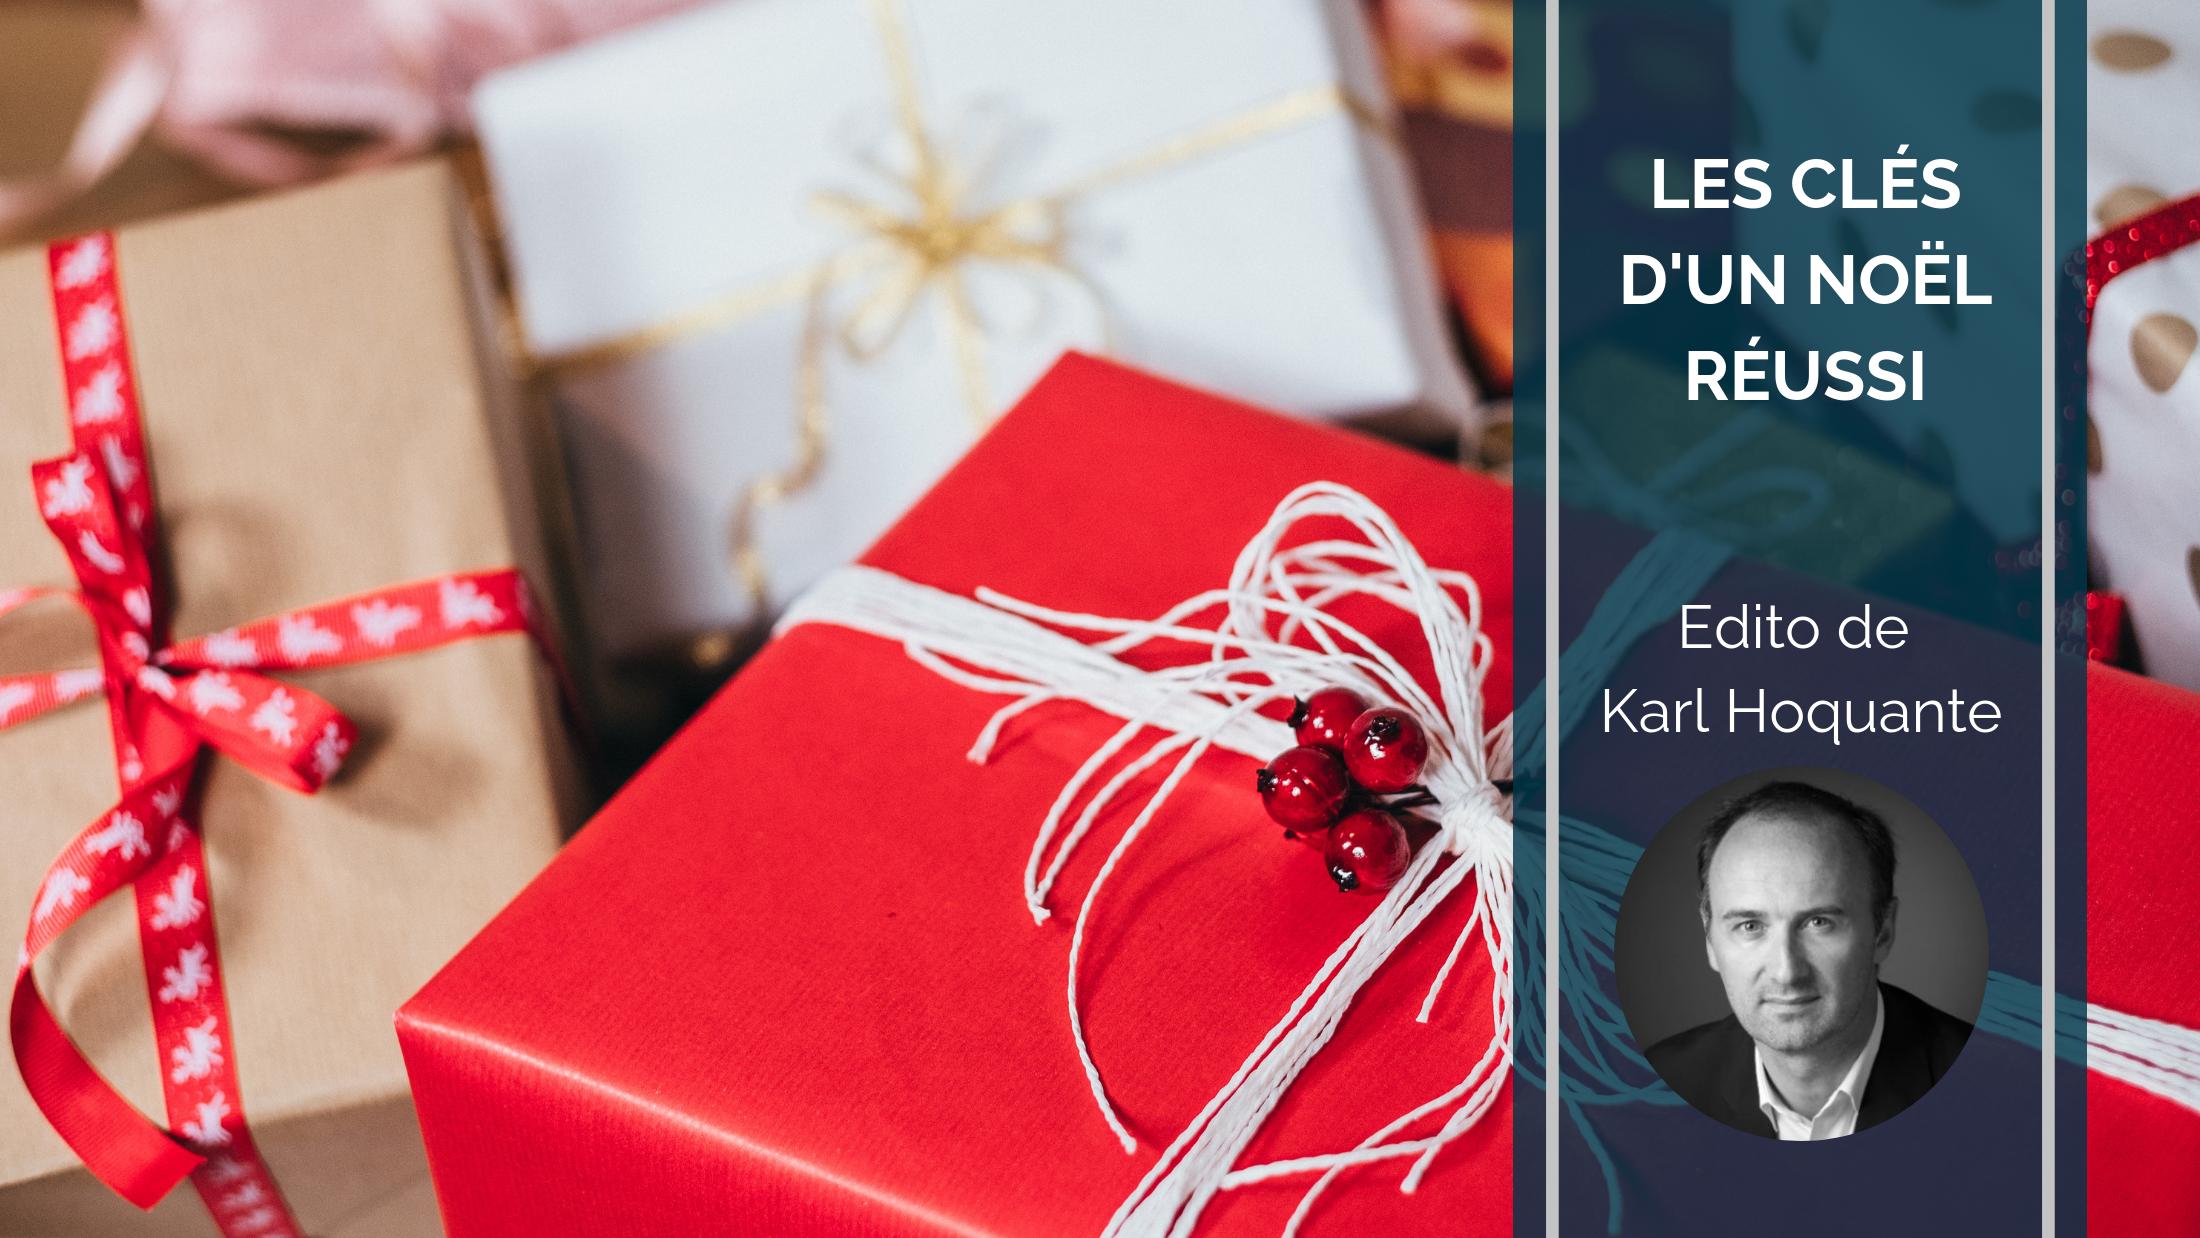 edito - Les clés d'un Noël réussi | Edito de Karl Hoquante